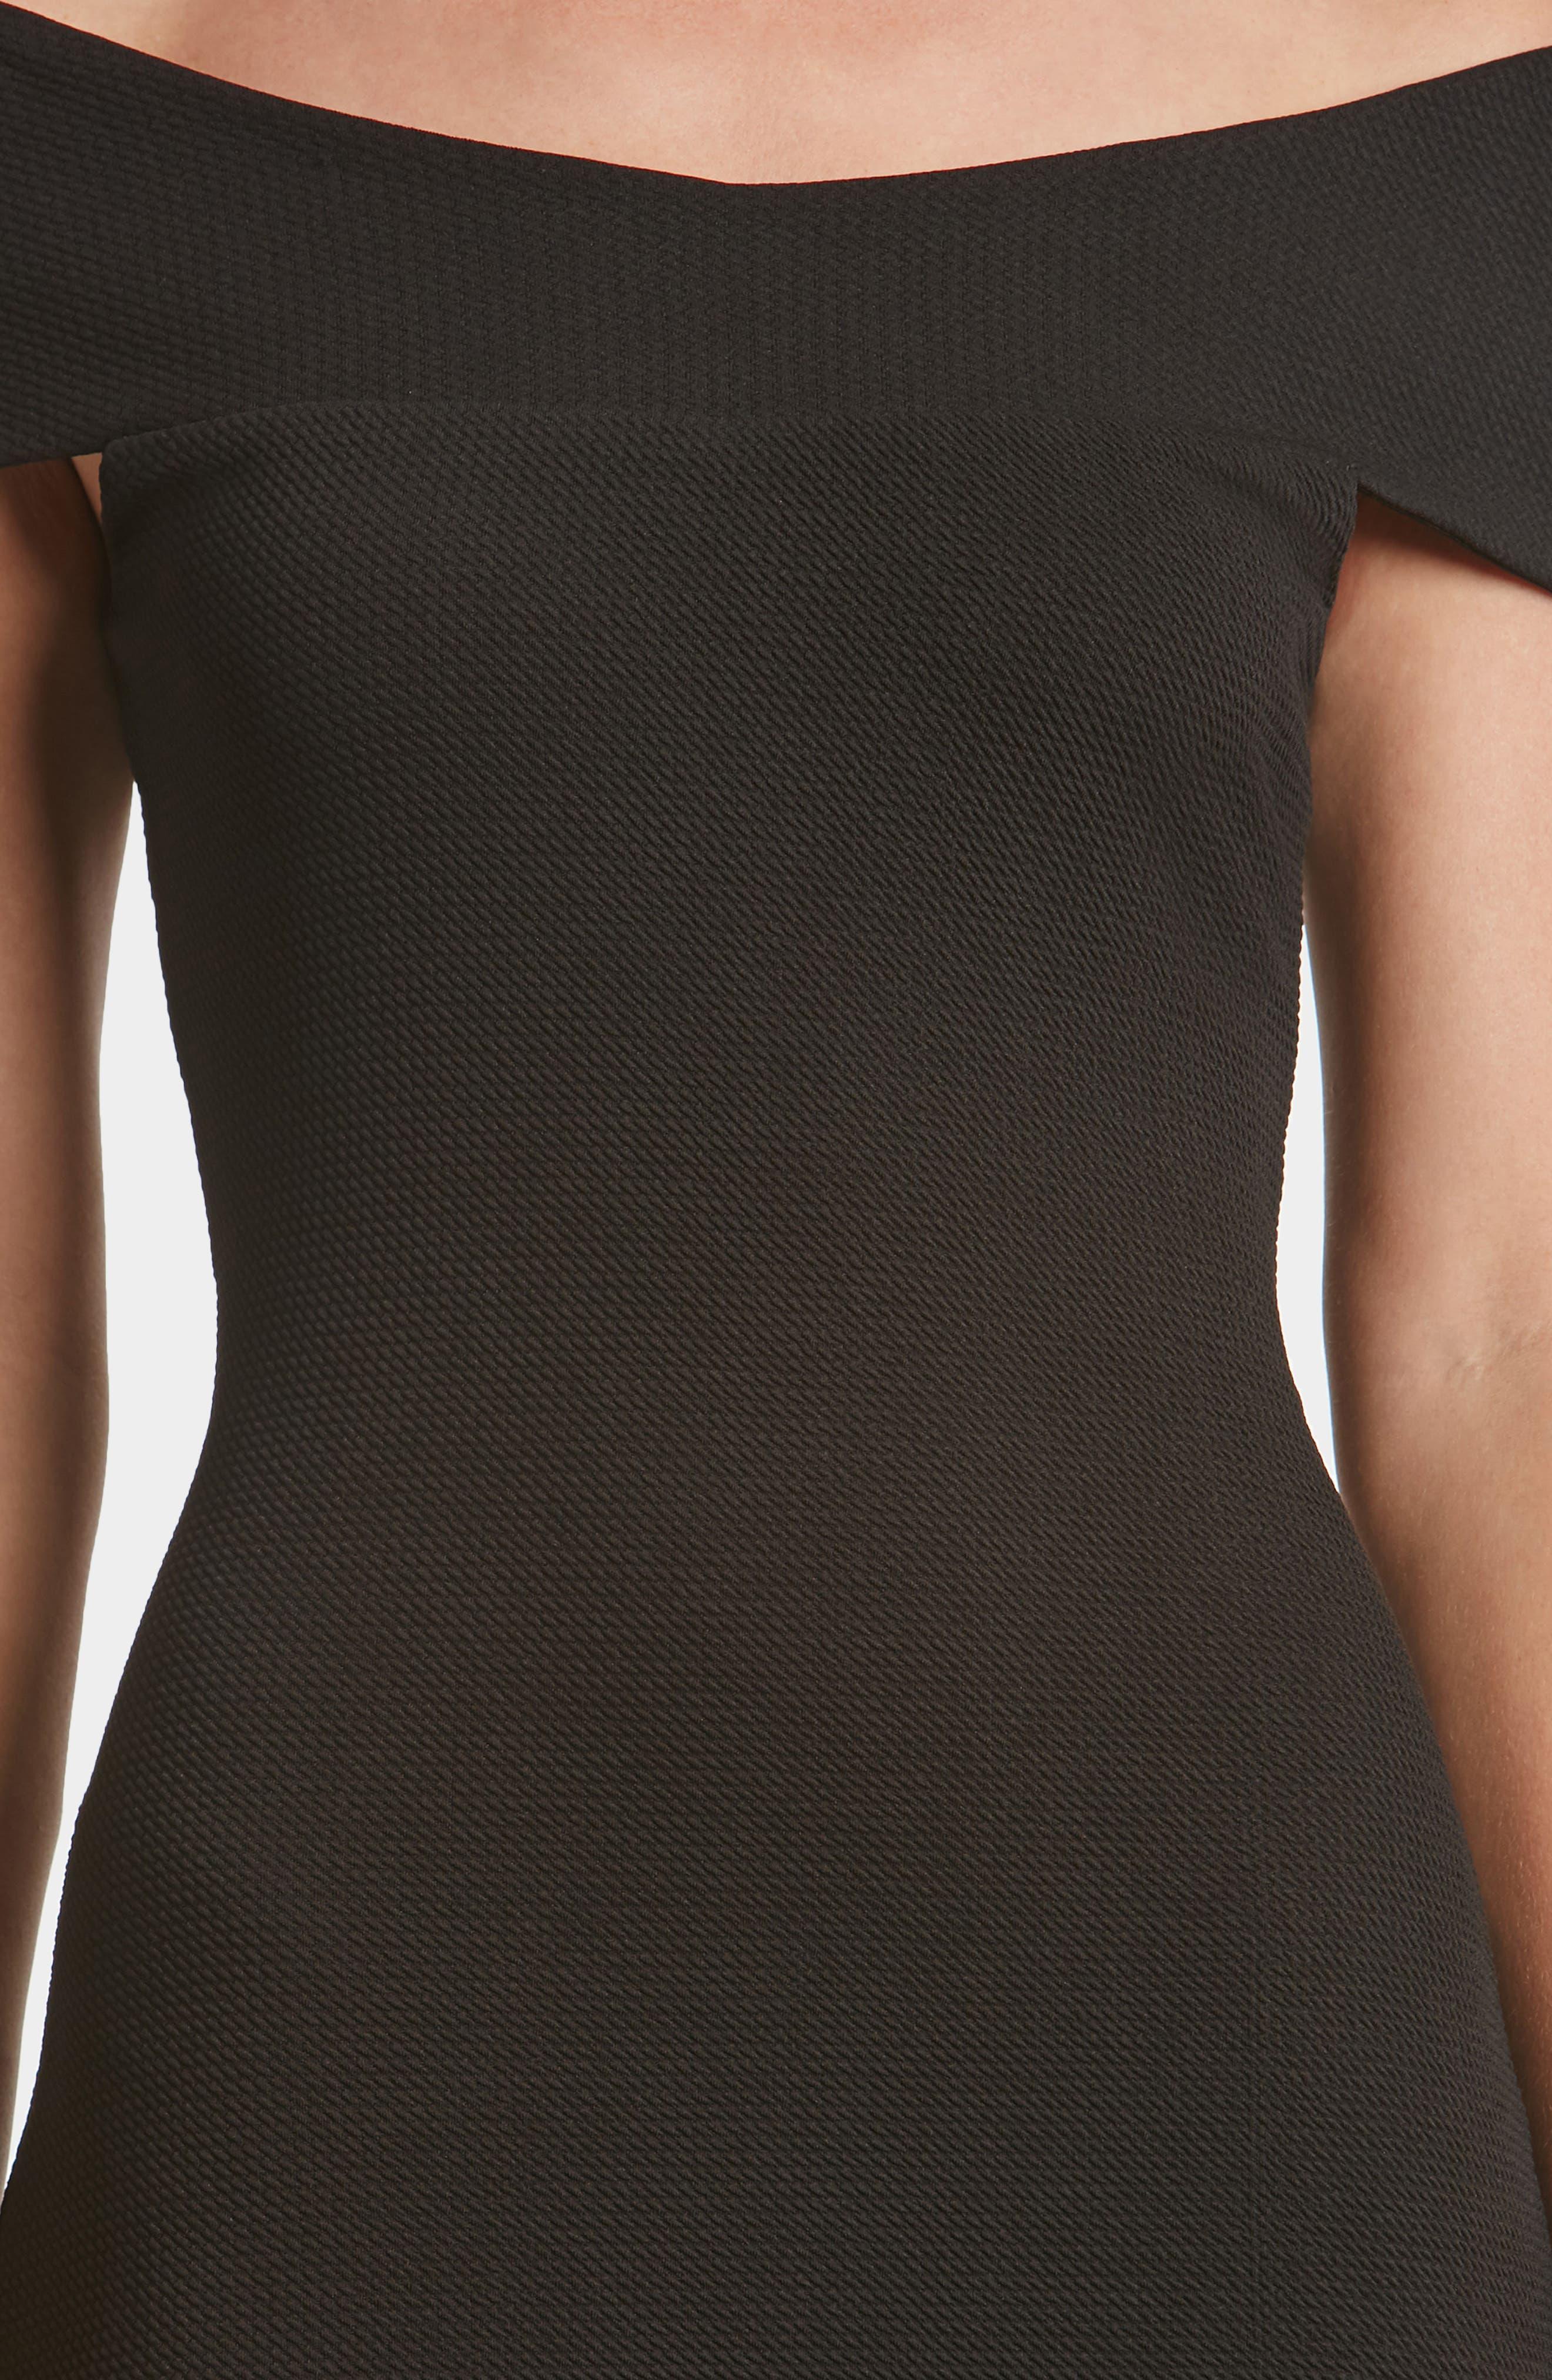 Claudette Textured Dress,                             Alternate thumbnail 4, color,                             001